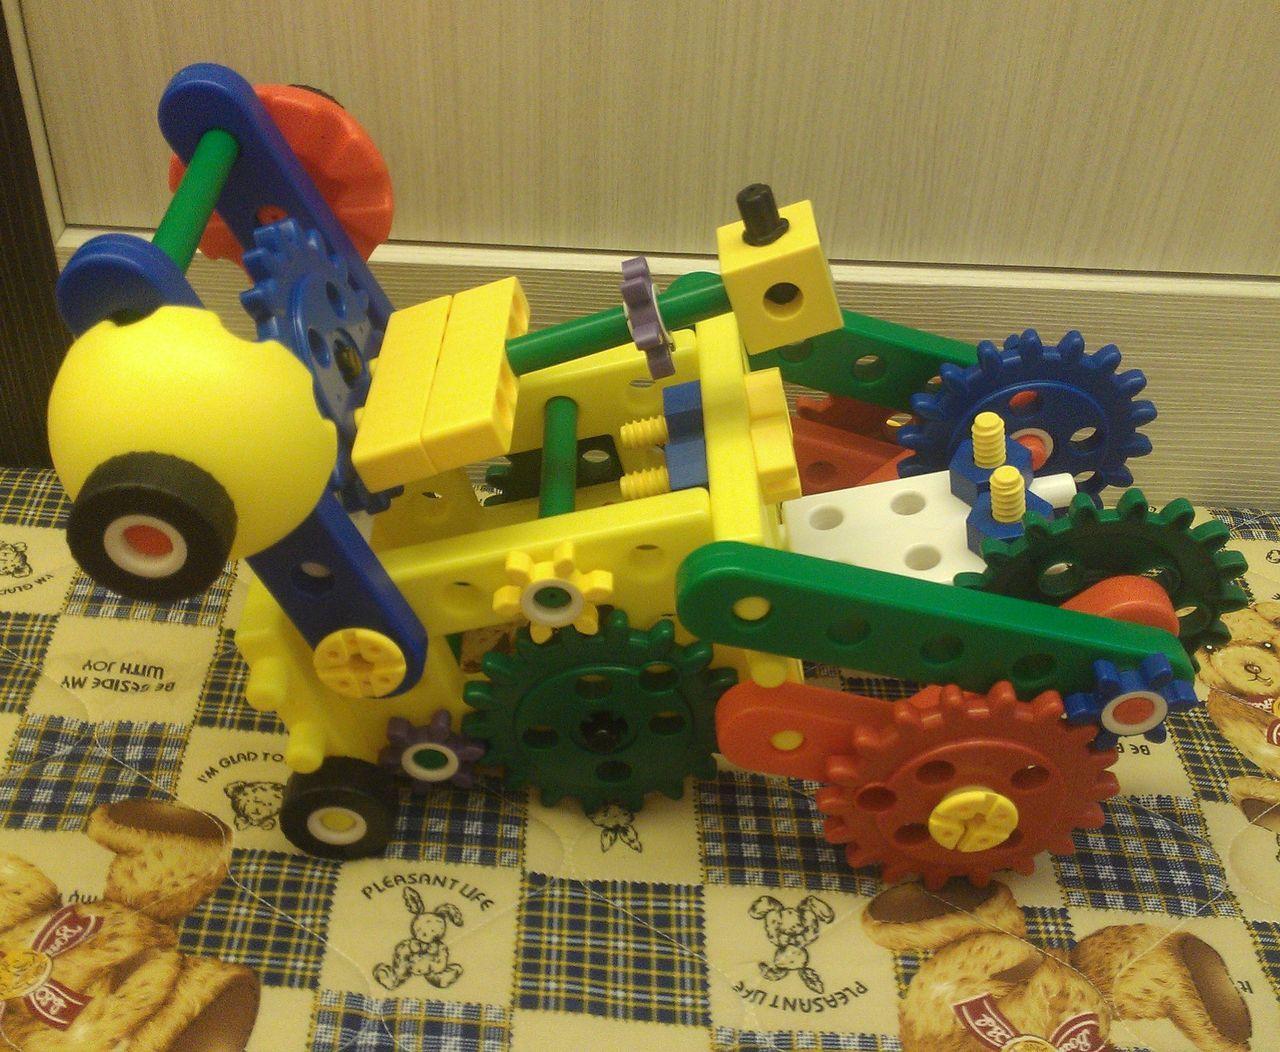 坦克 購物推車改裝 Toy DIY